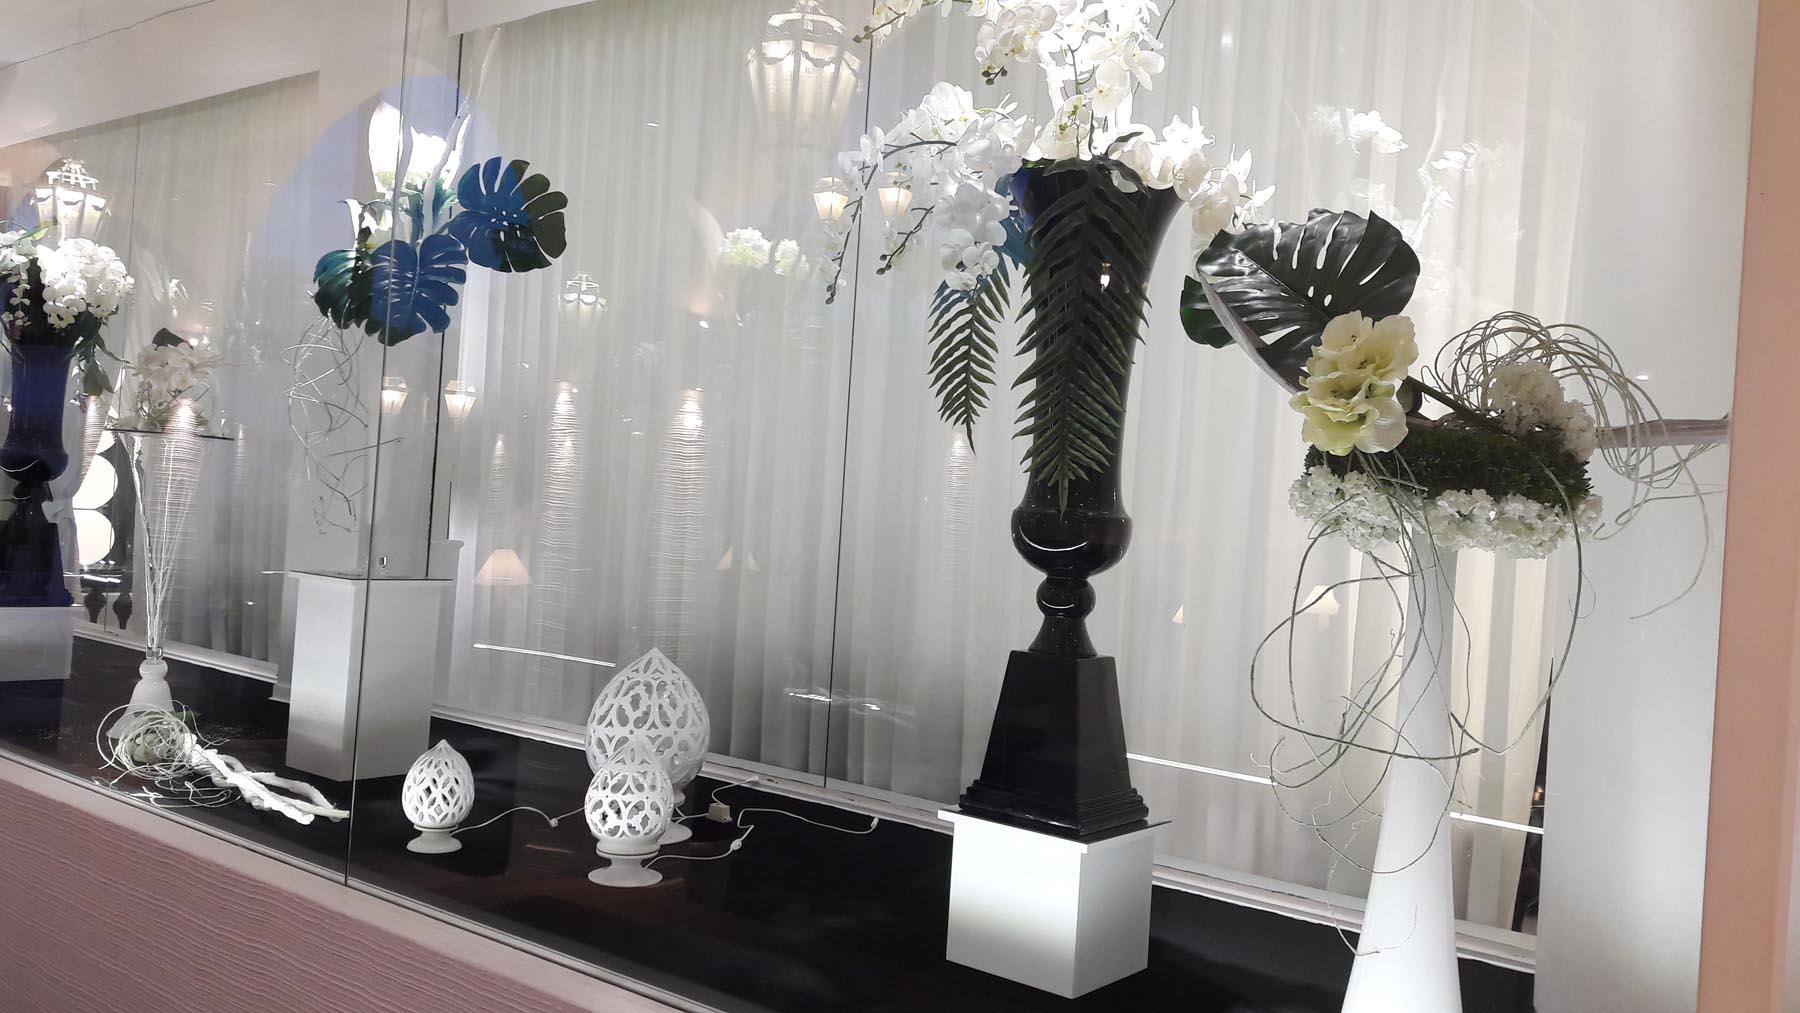 Dea Ebe Black e White in stile chanel (28)